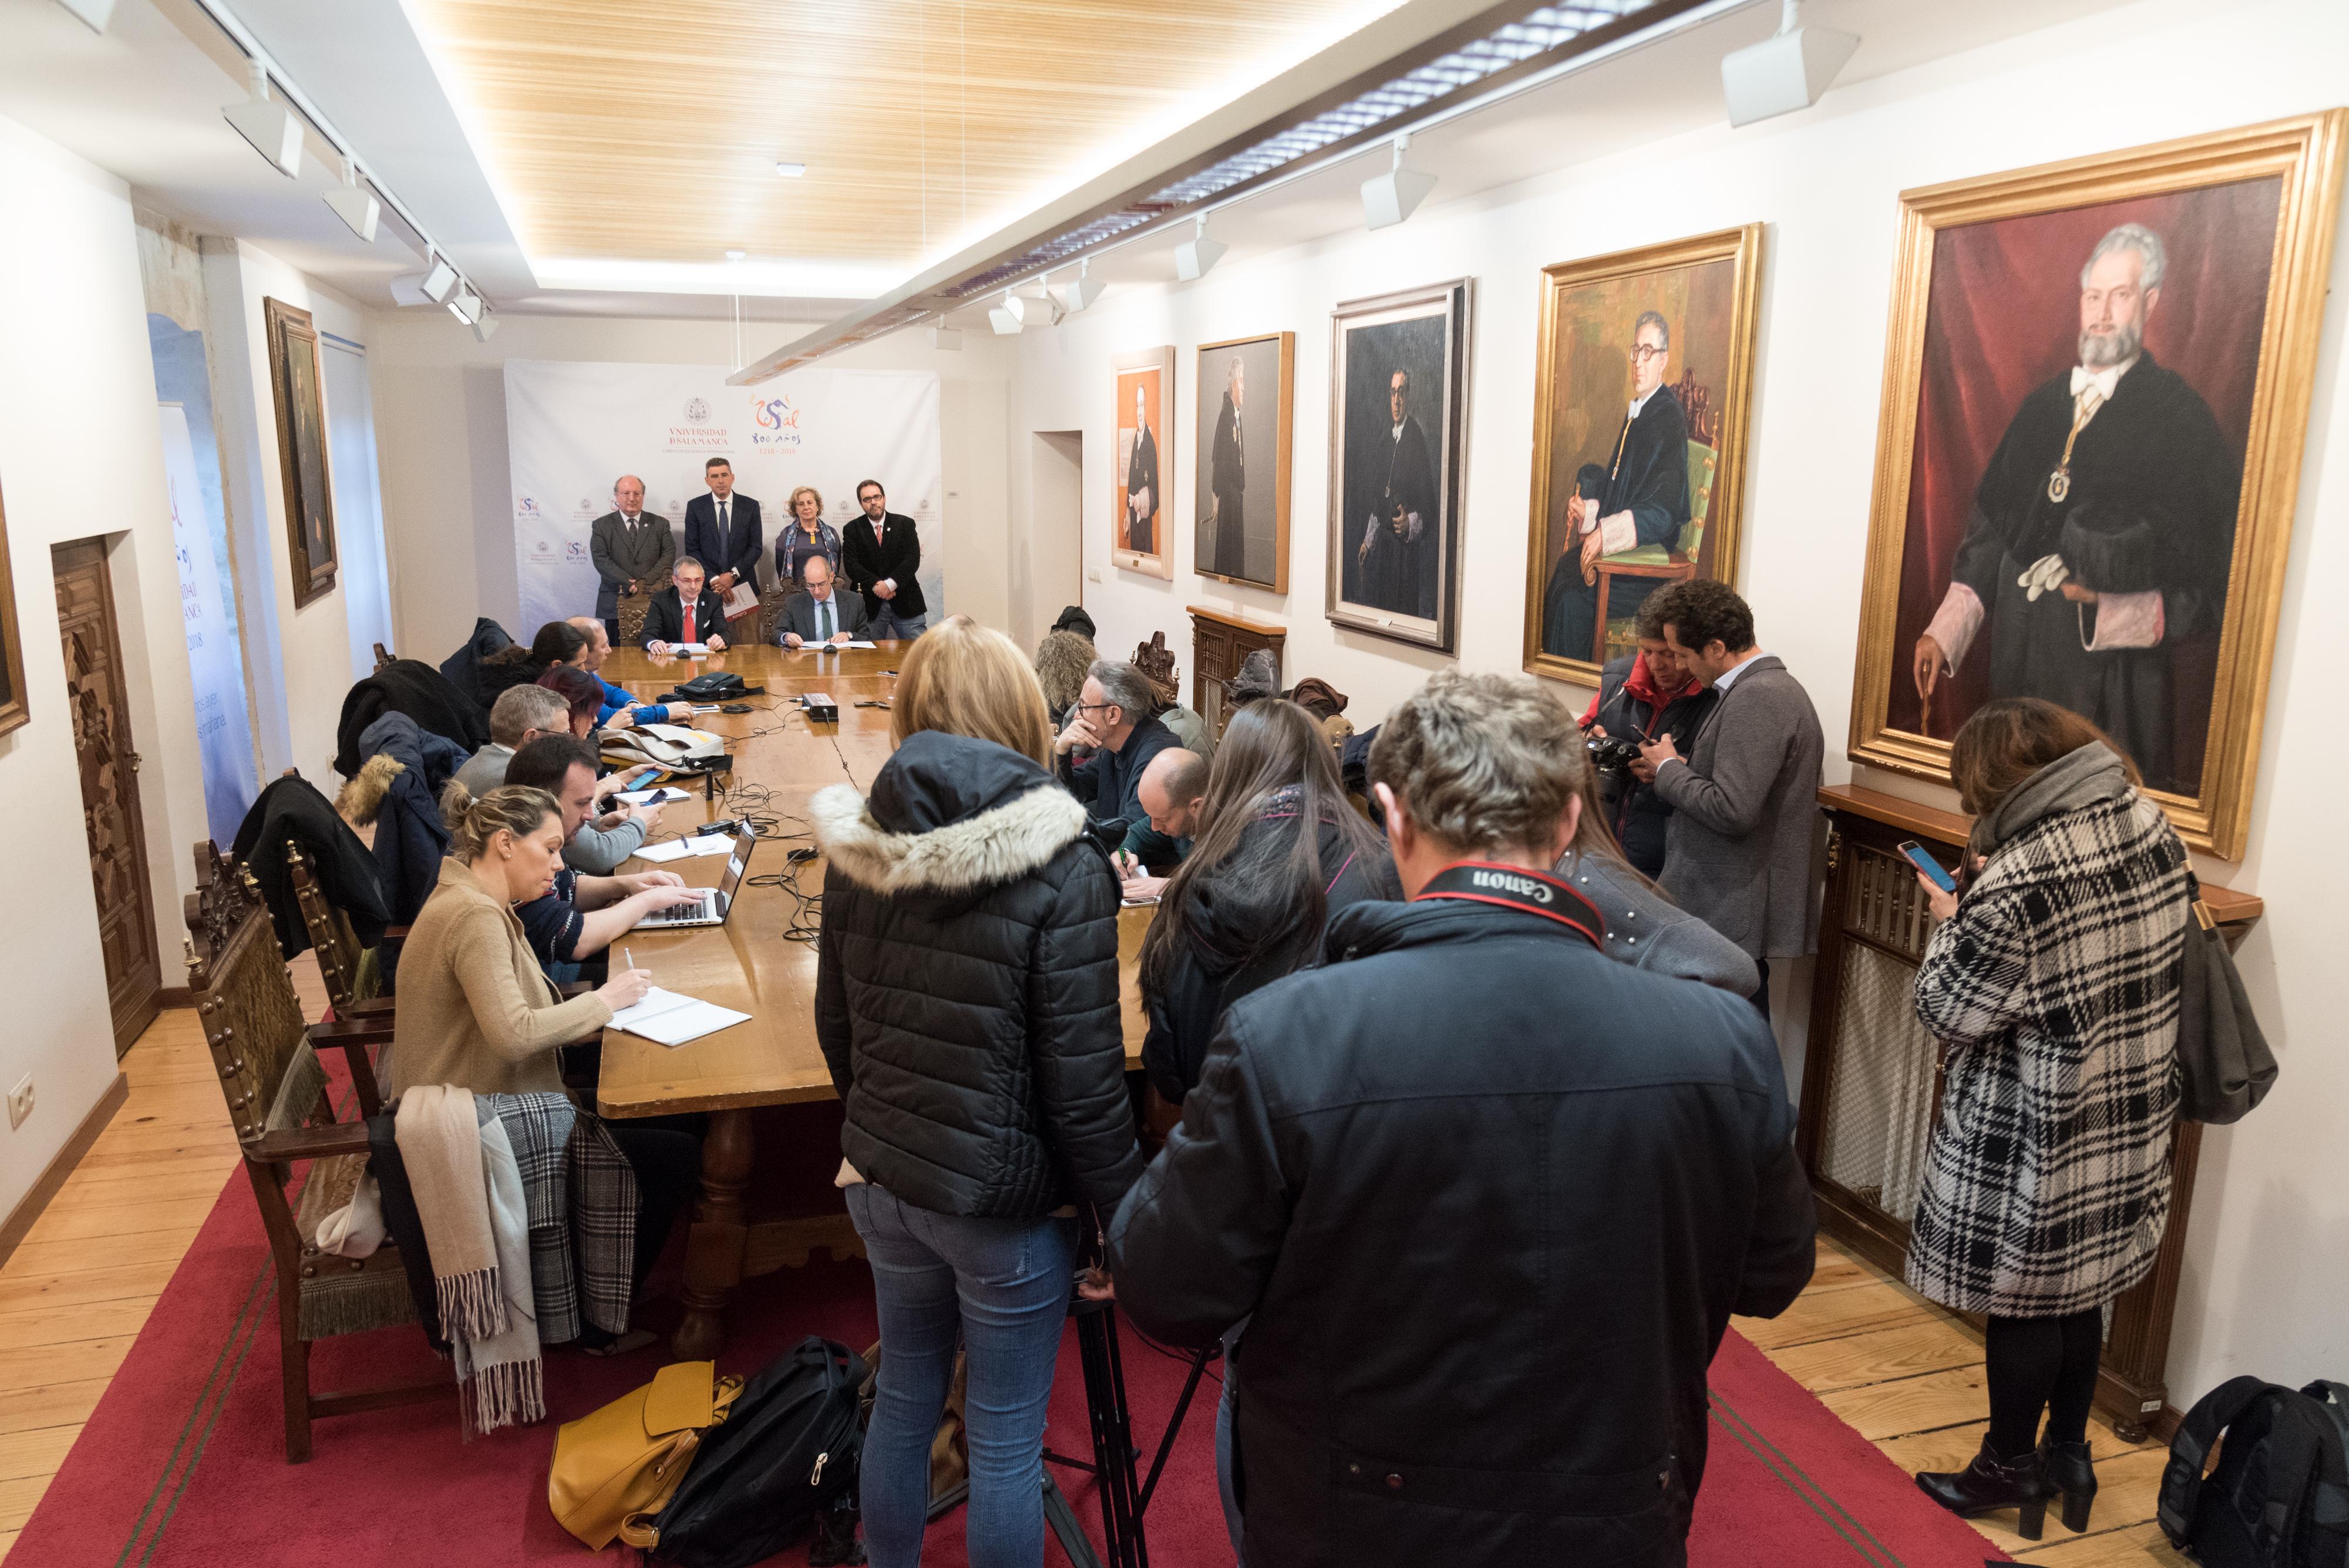 La Universidad de Salamanca y la Diputación Provincial suscriben un protocolo de colaboración con motivo del VIII Centenario